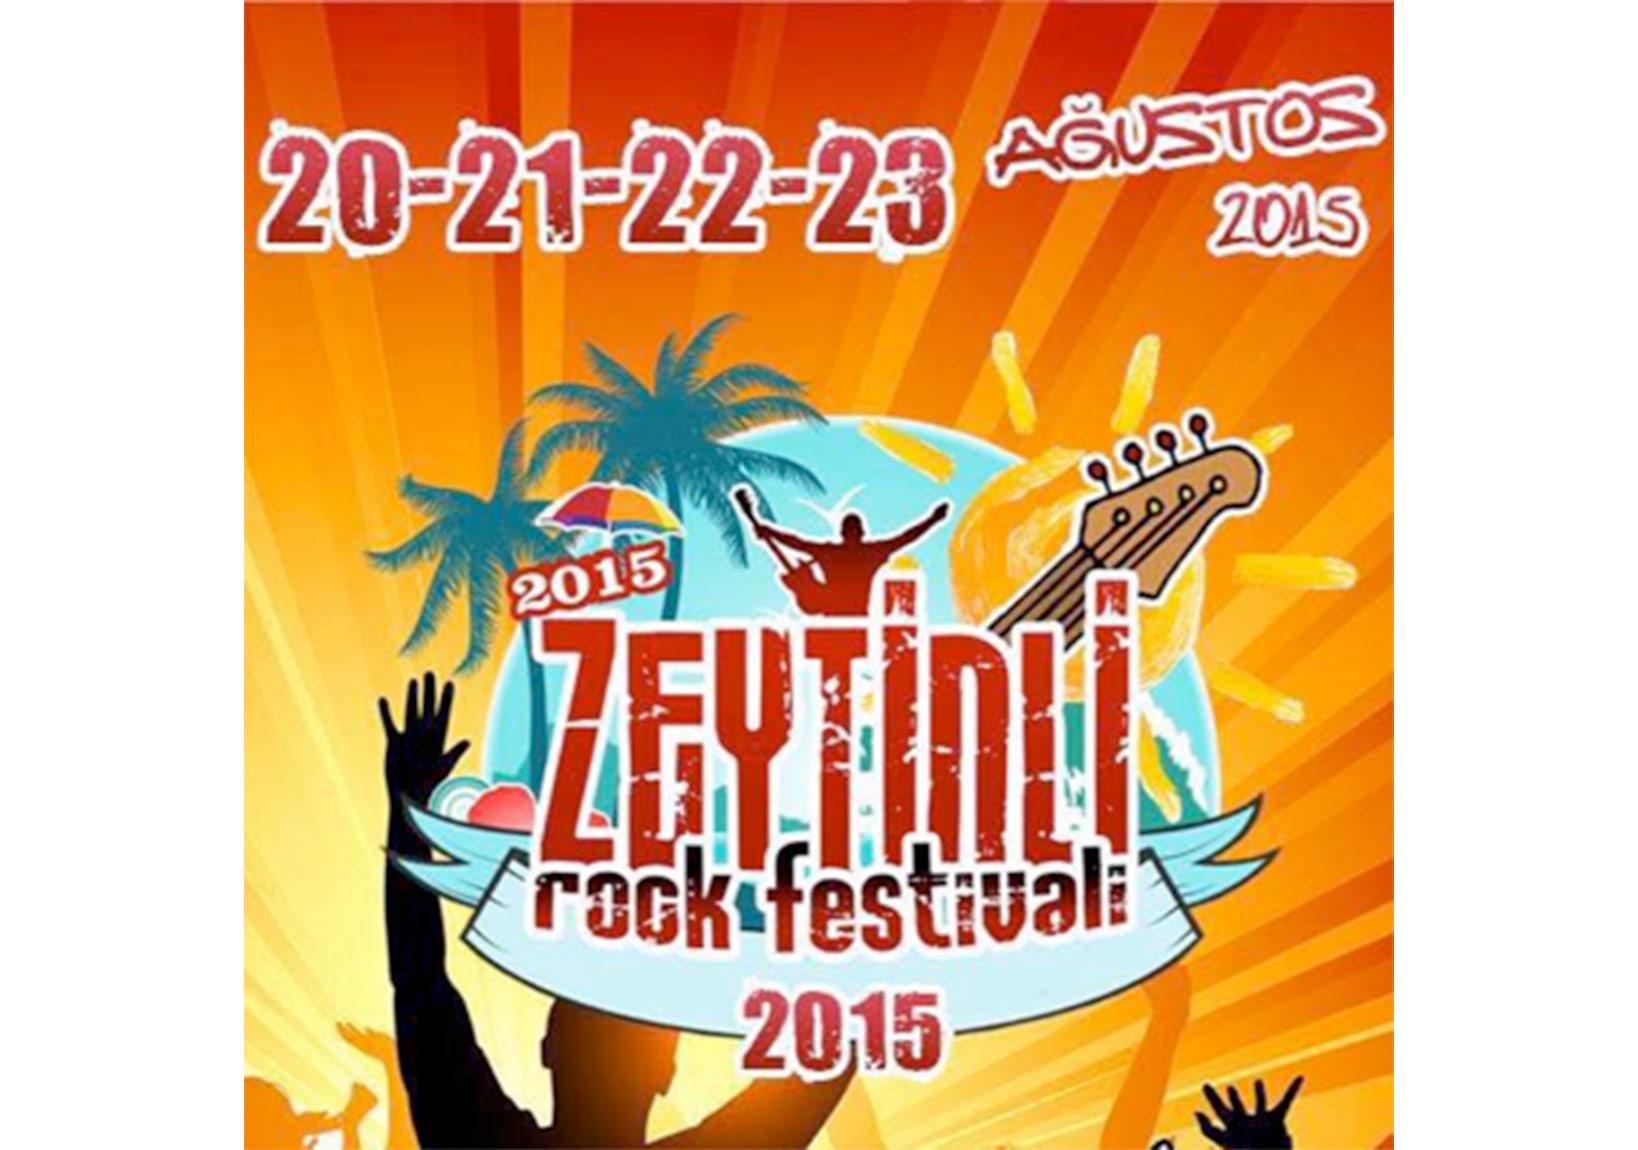 Zeytinli Rock Festivali İçin Hazırlıklar Başlasın